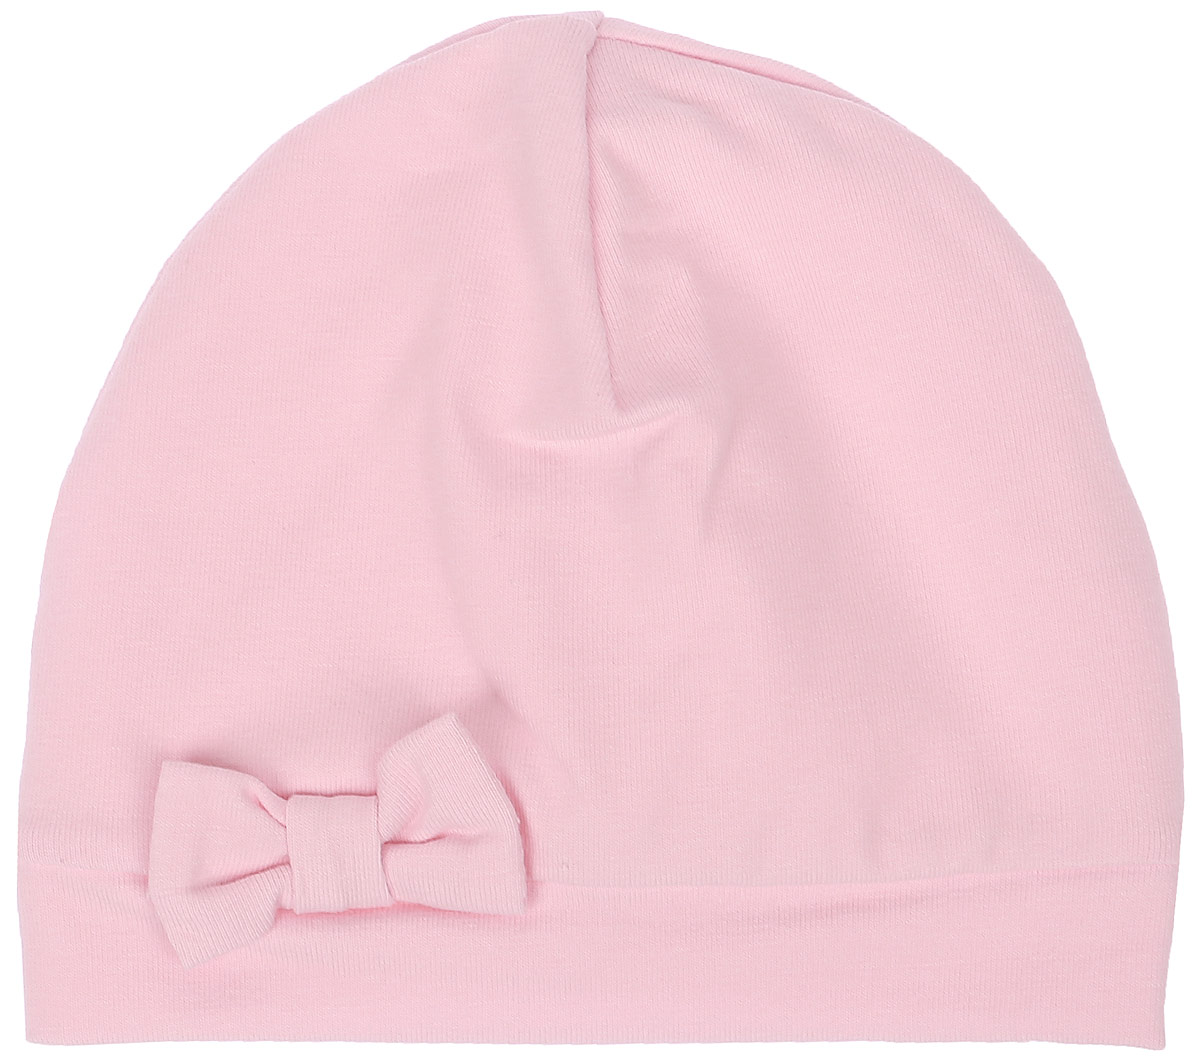 Шапочка для девочки СовенокЯ Розовая зебра, цвет: розовый. 33-592. Размер 4833-592Детская шапочка СовенокЯ изготовлена из натурального хлопка. Тонкая шапочка выполнена из двойного трикотажа. Спереди модель дополнена декоративным бантиком. Уважаемые клиенты! Размер, доступный для заказа, является обхватом головы.